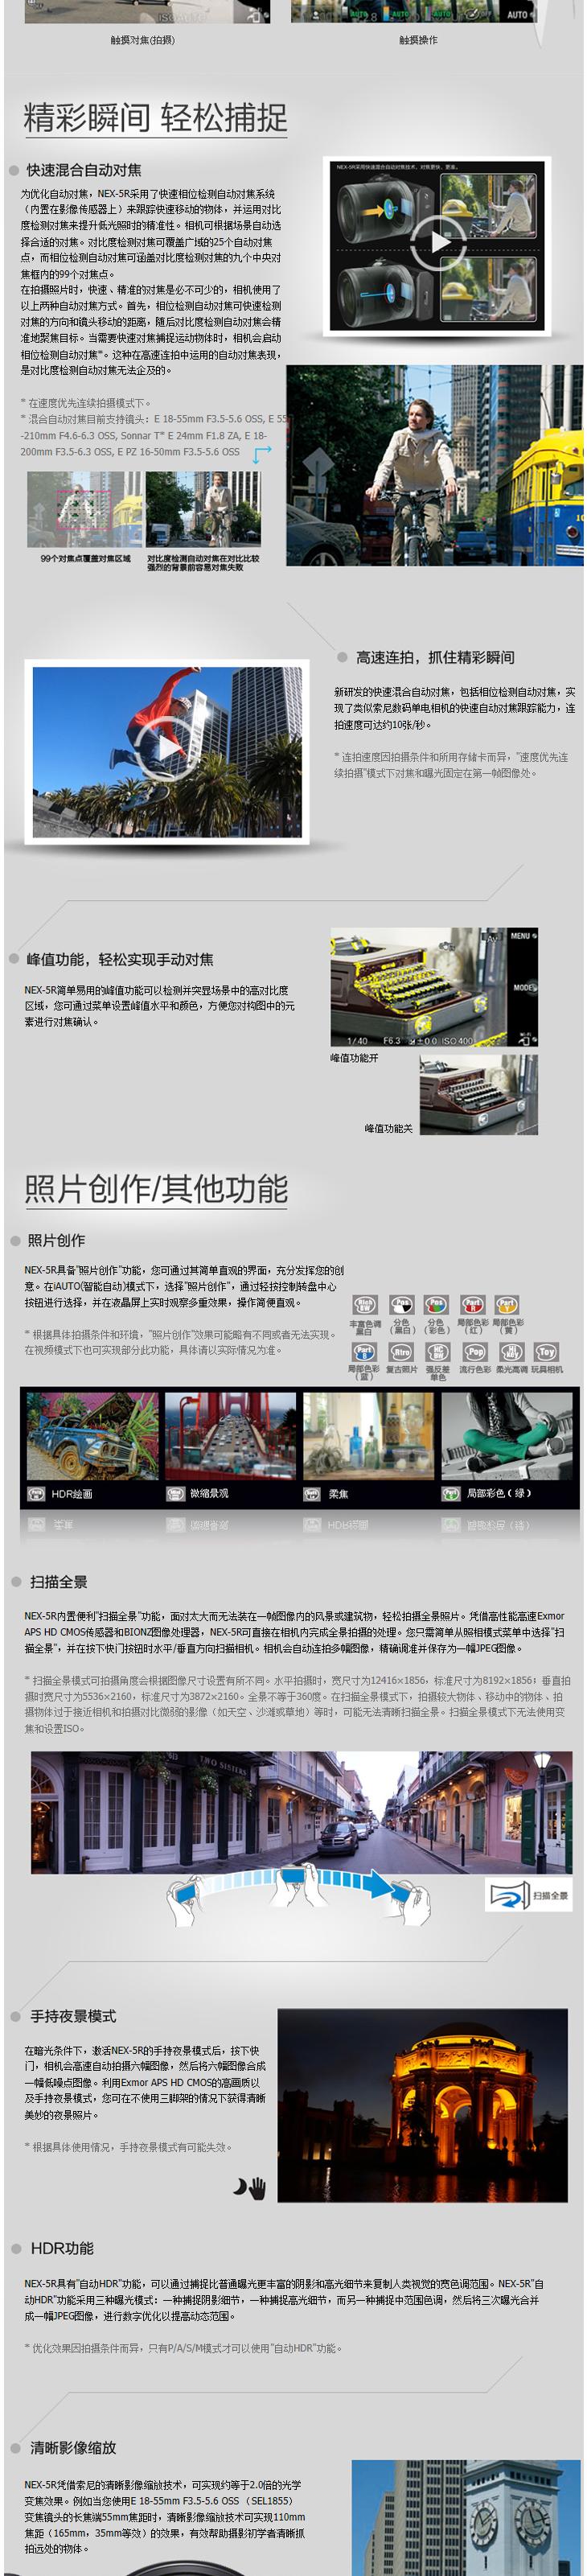 索尼cdx—ca730x接线图